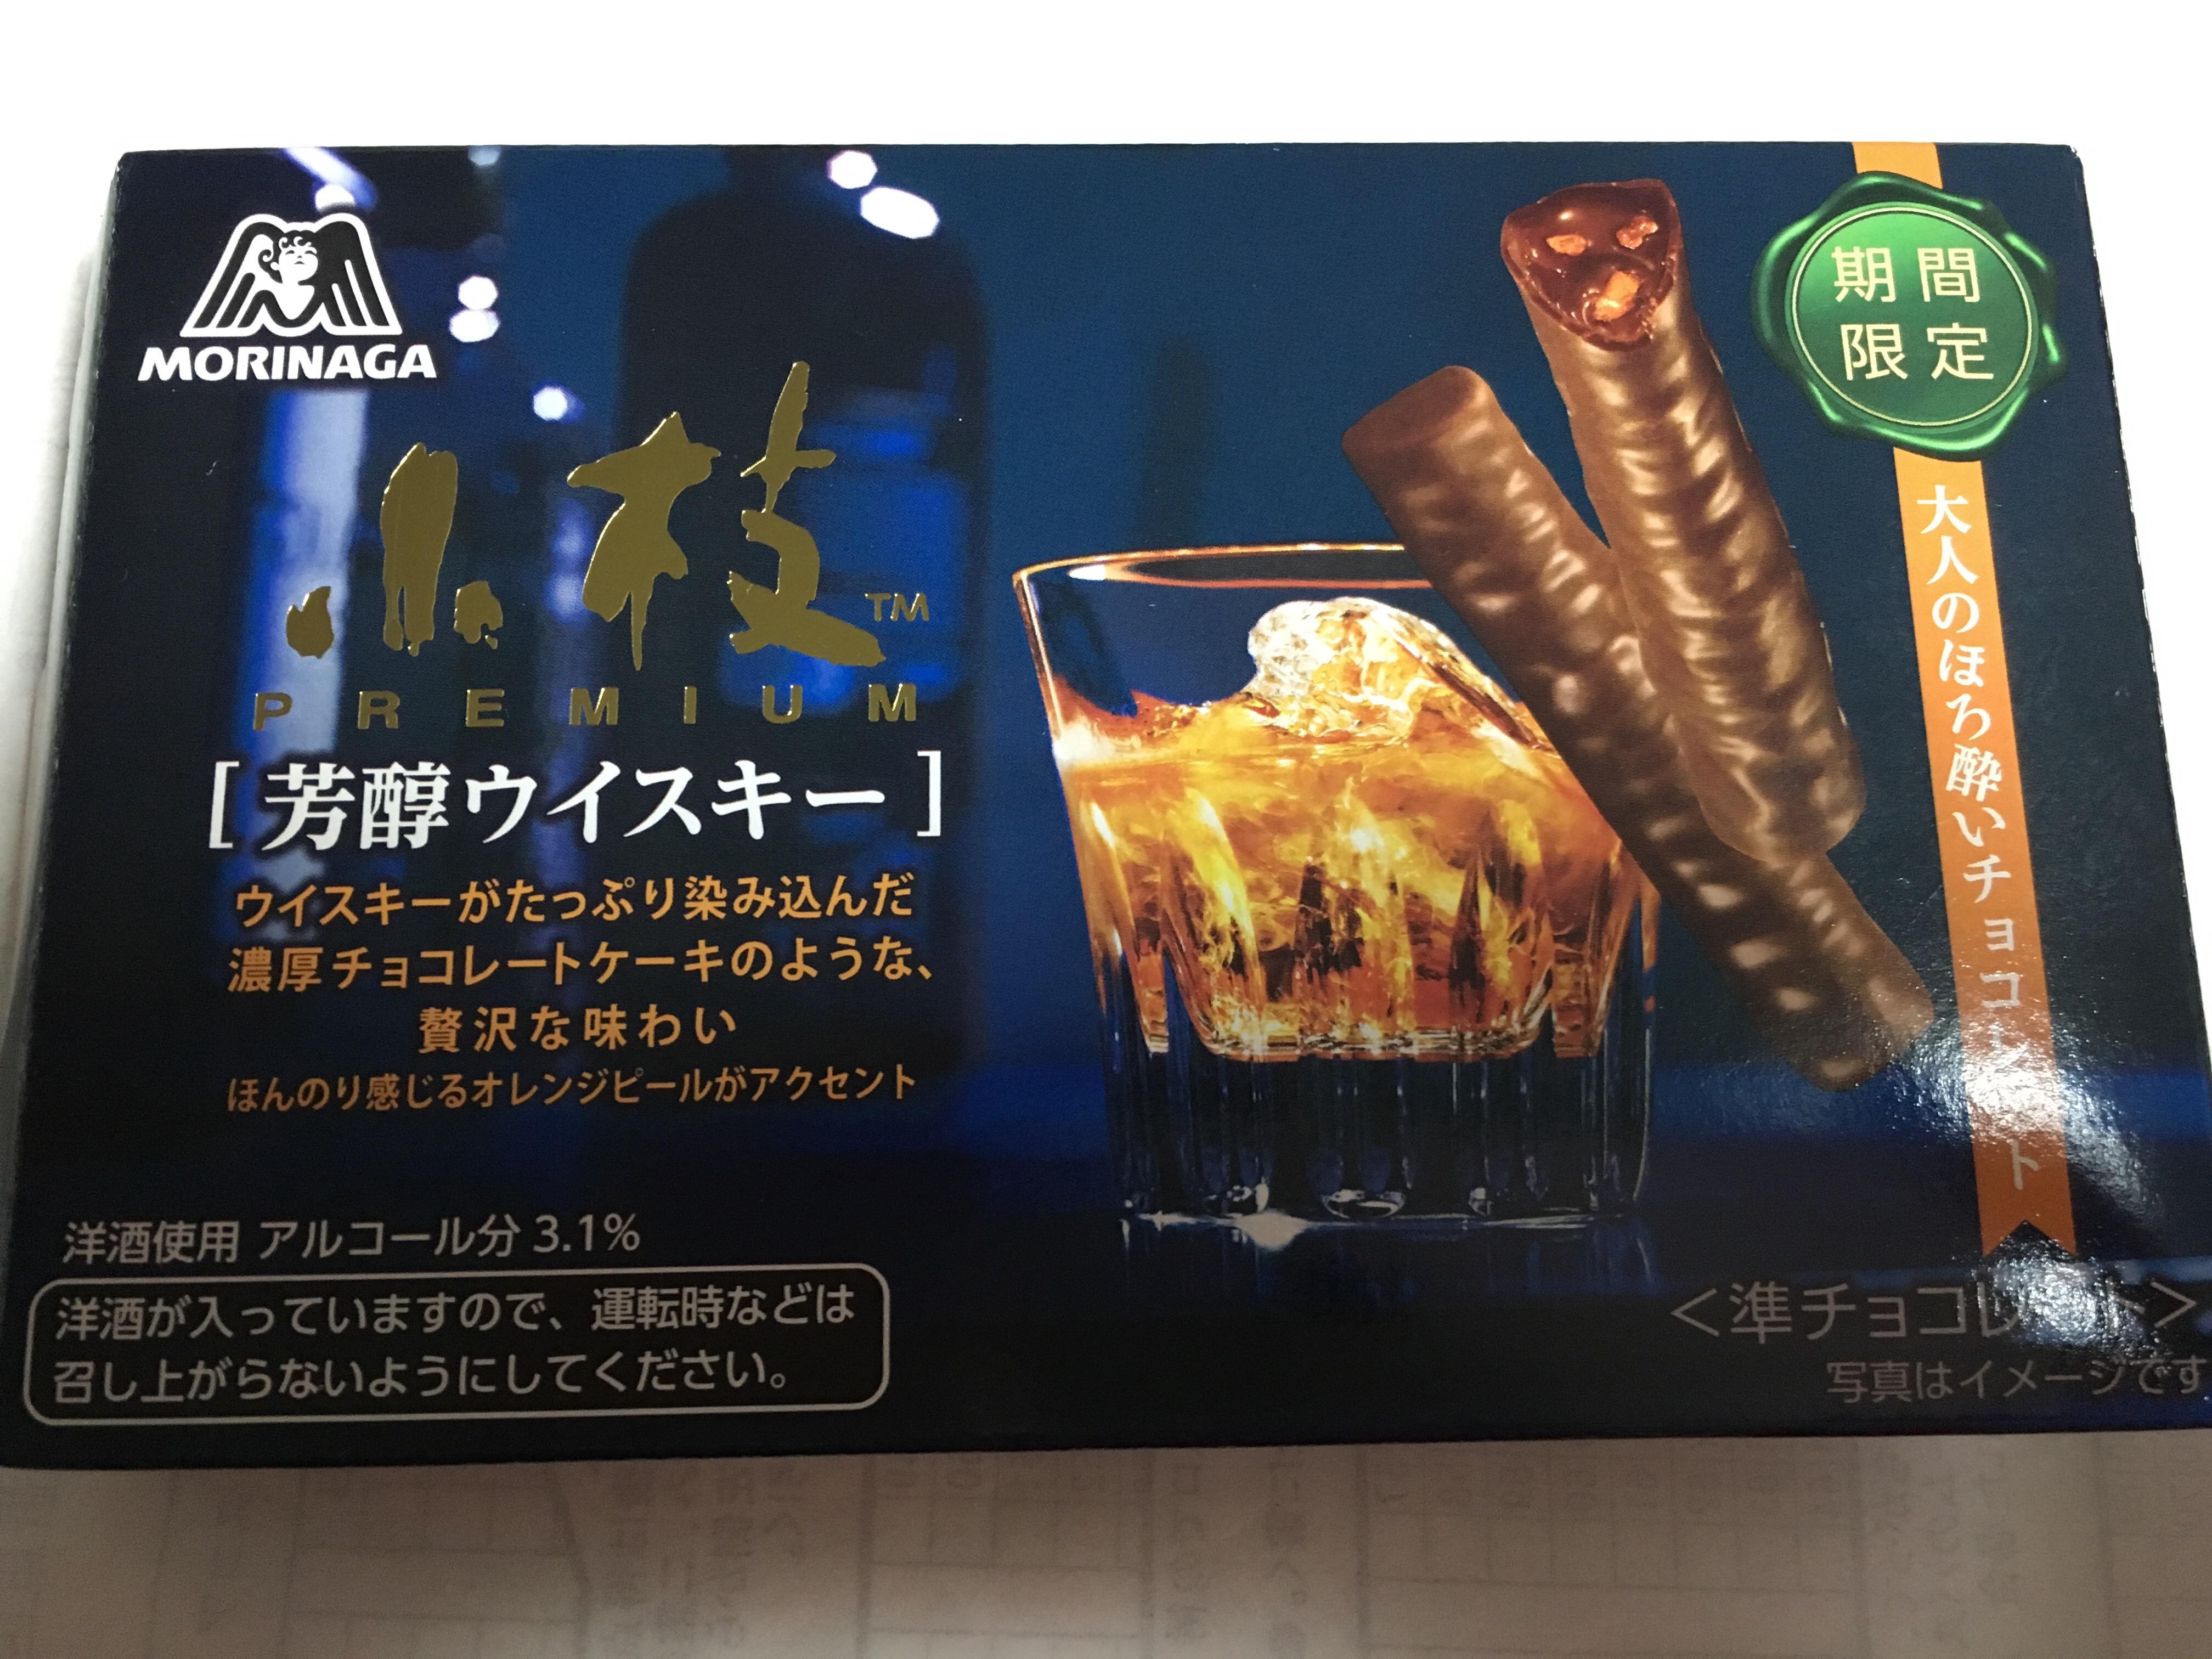 【期間限定】小枝プレミアム 芳醇ウイスキーを実際に食べてみた!